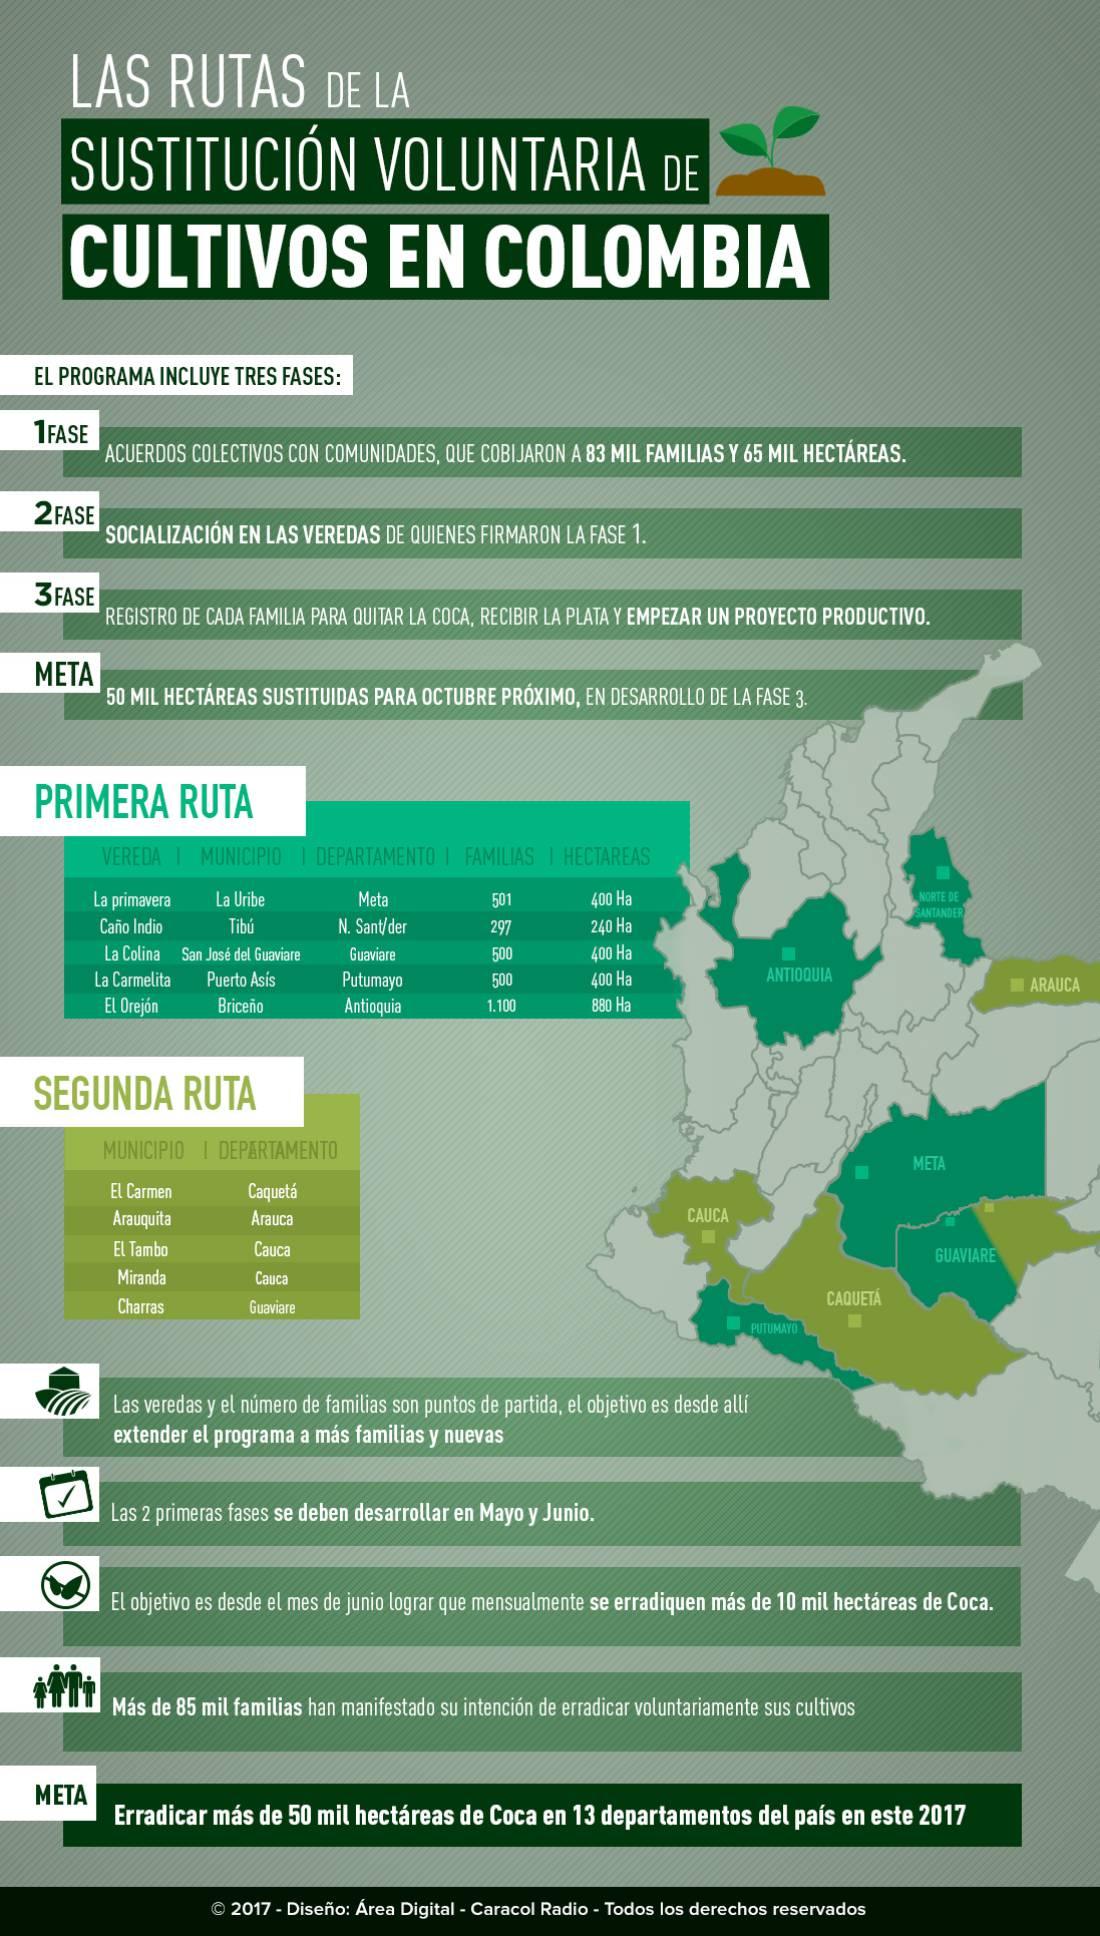 Proceso paz Colombia: La ruta de la sustitución voluntaria de cultivos en Colombia